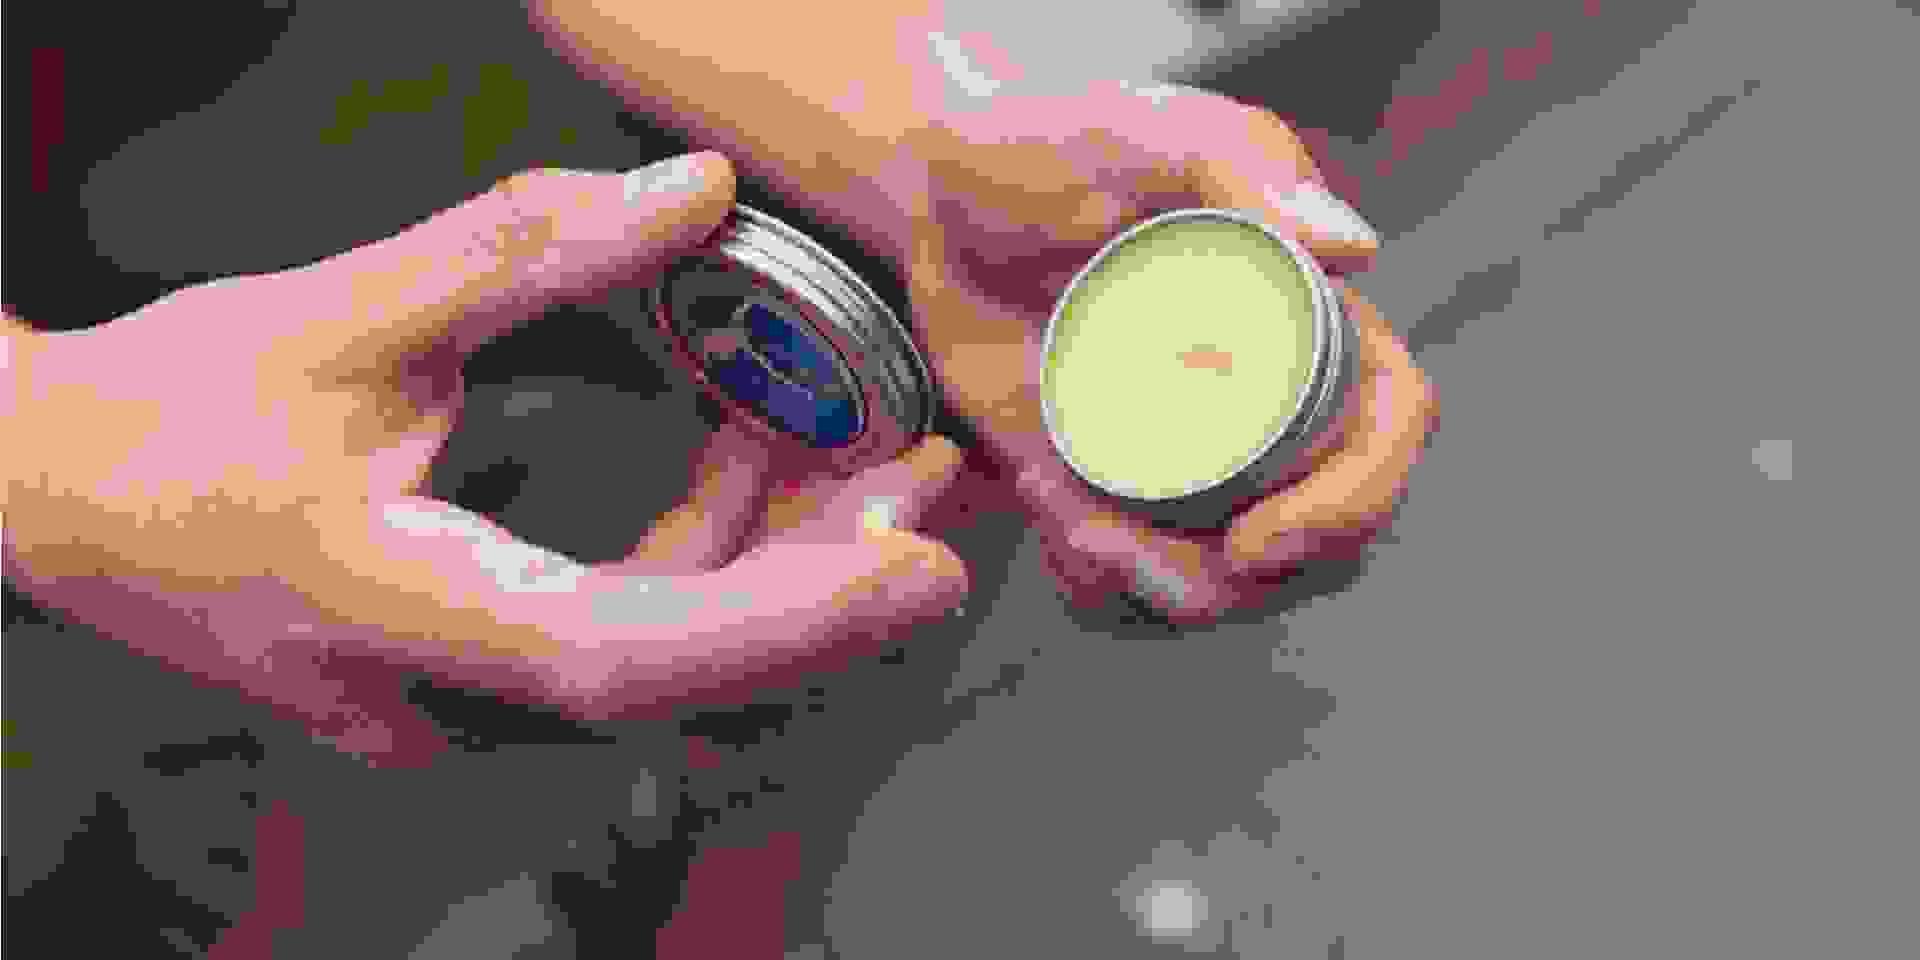 Zwei Hände, die jeweils einen Teil einer Cremedose halten.